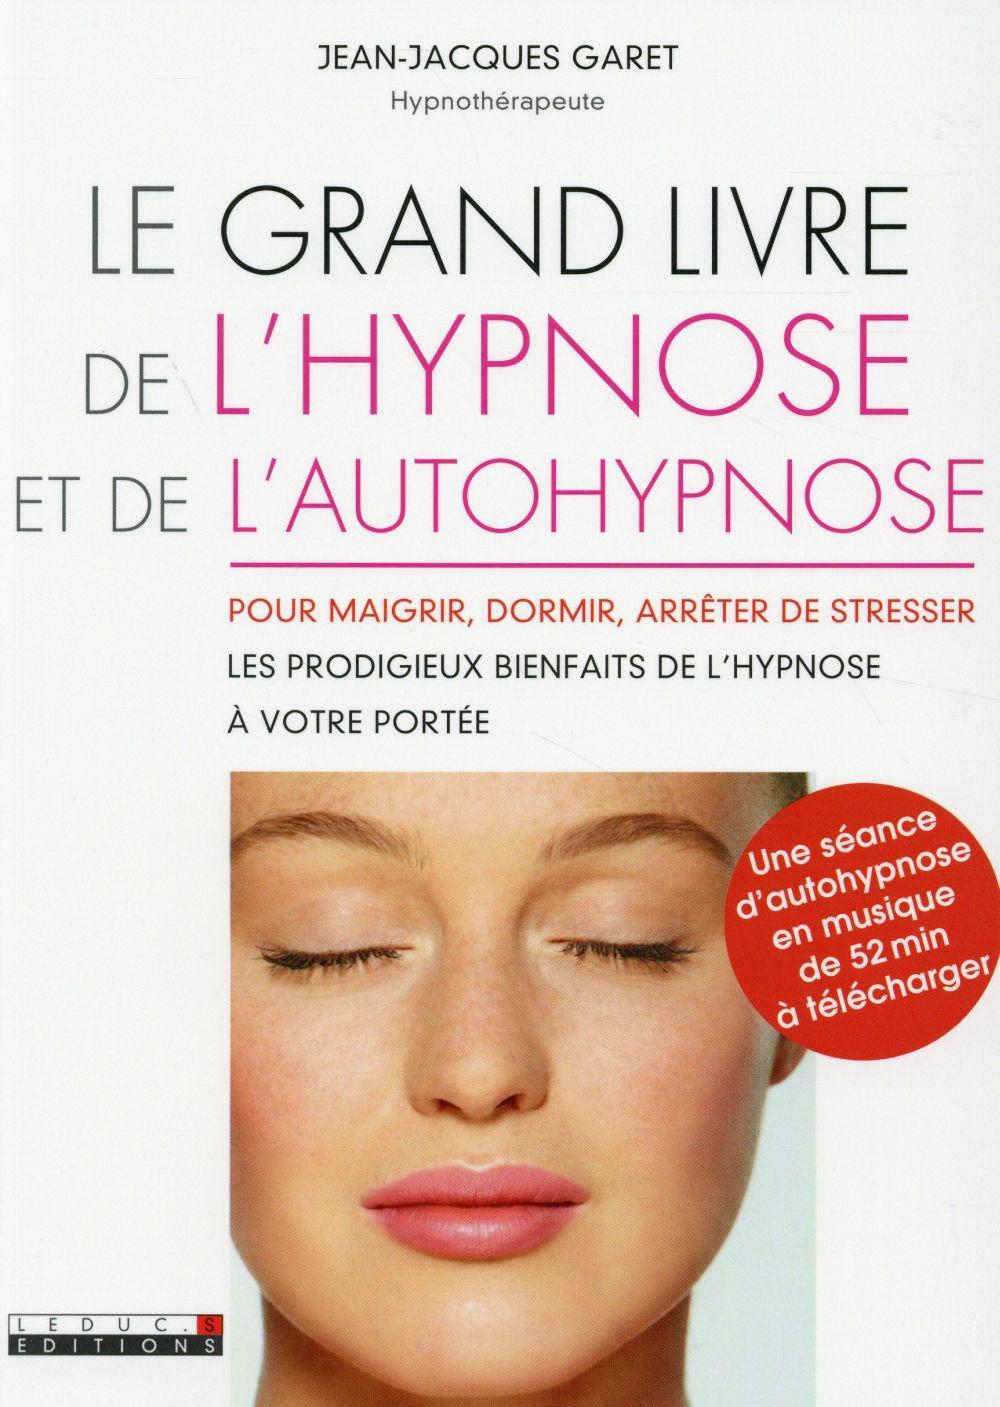 GRAND LIVRE DE L'HYPNOSE ET DE L'AUTOHYPNOSE (LE)